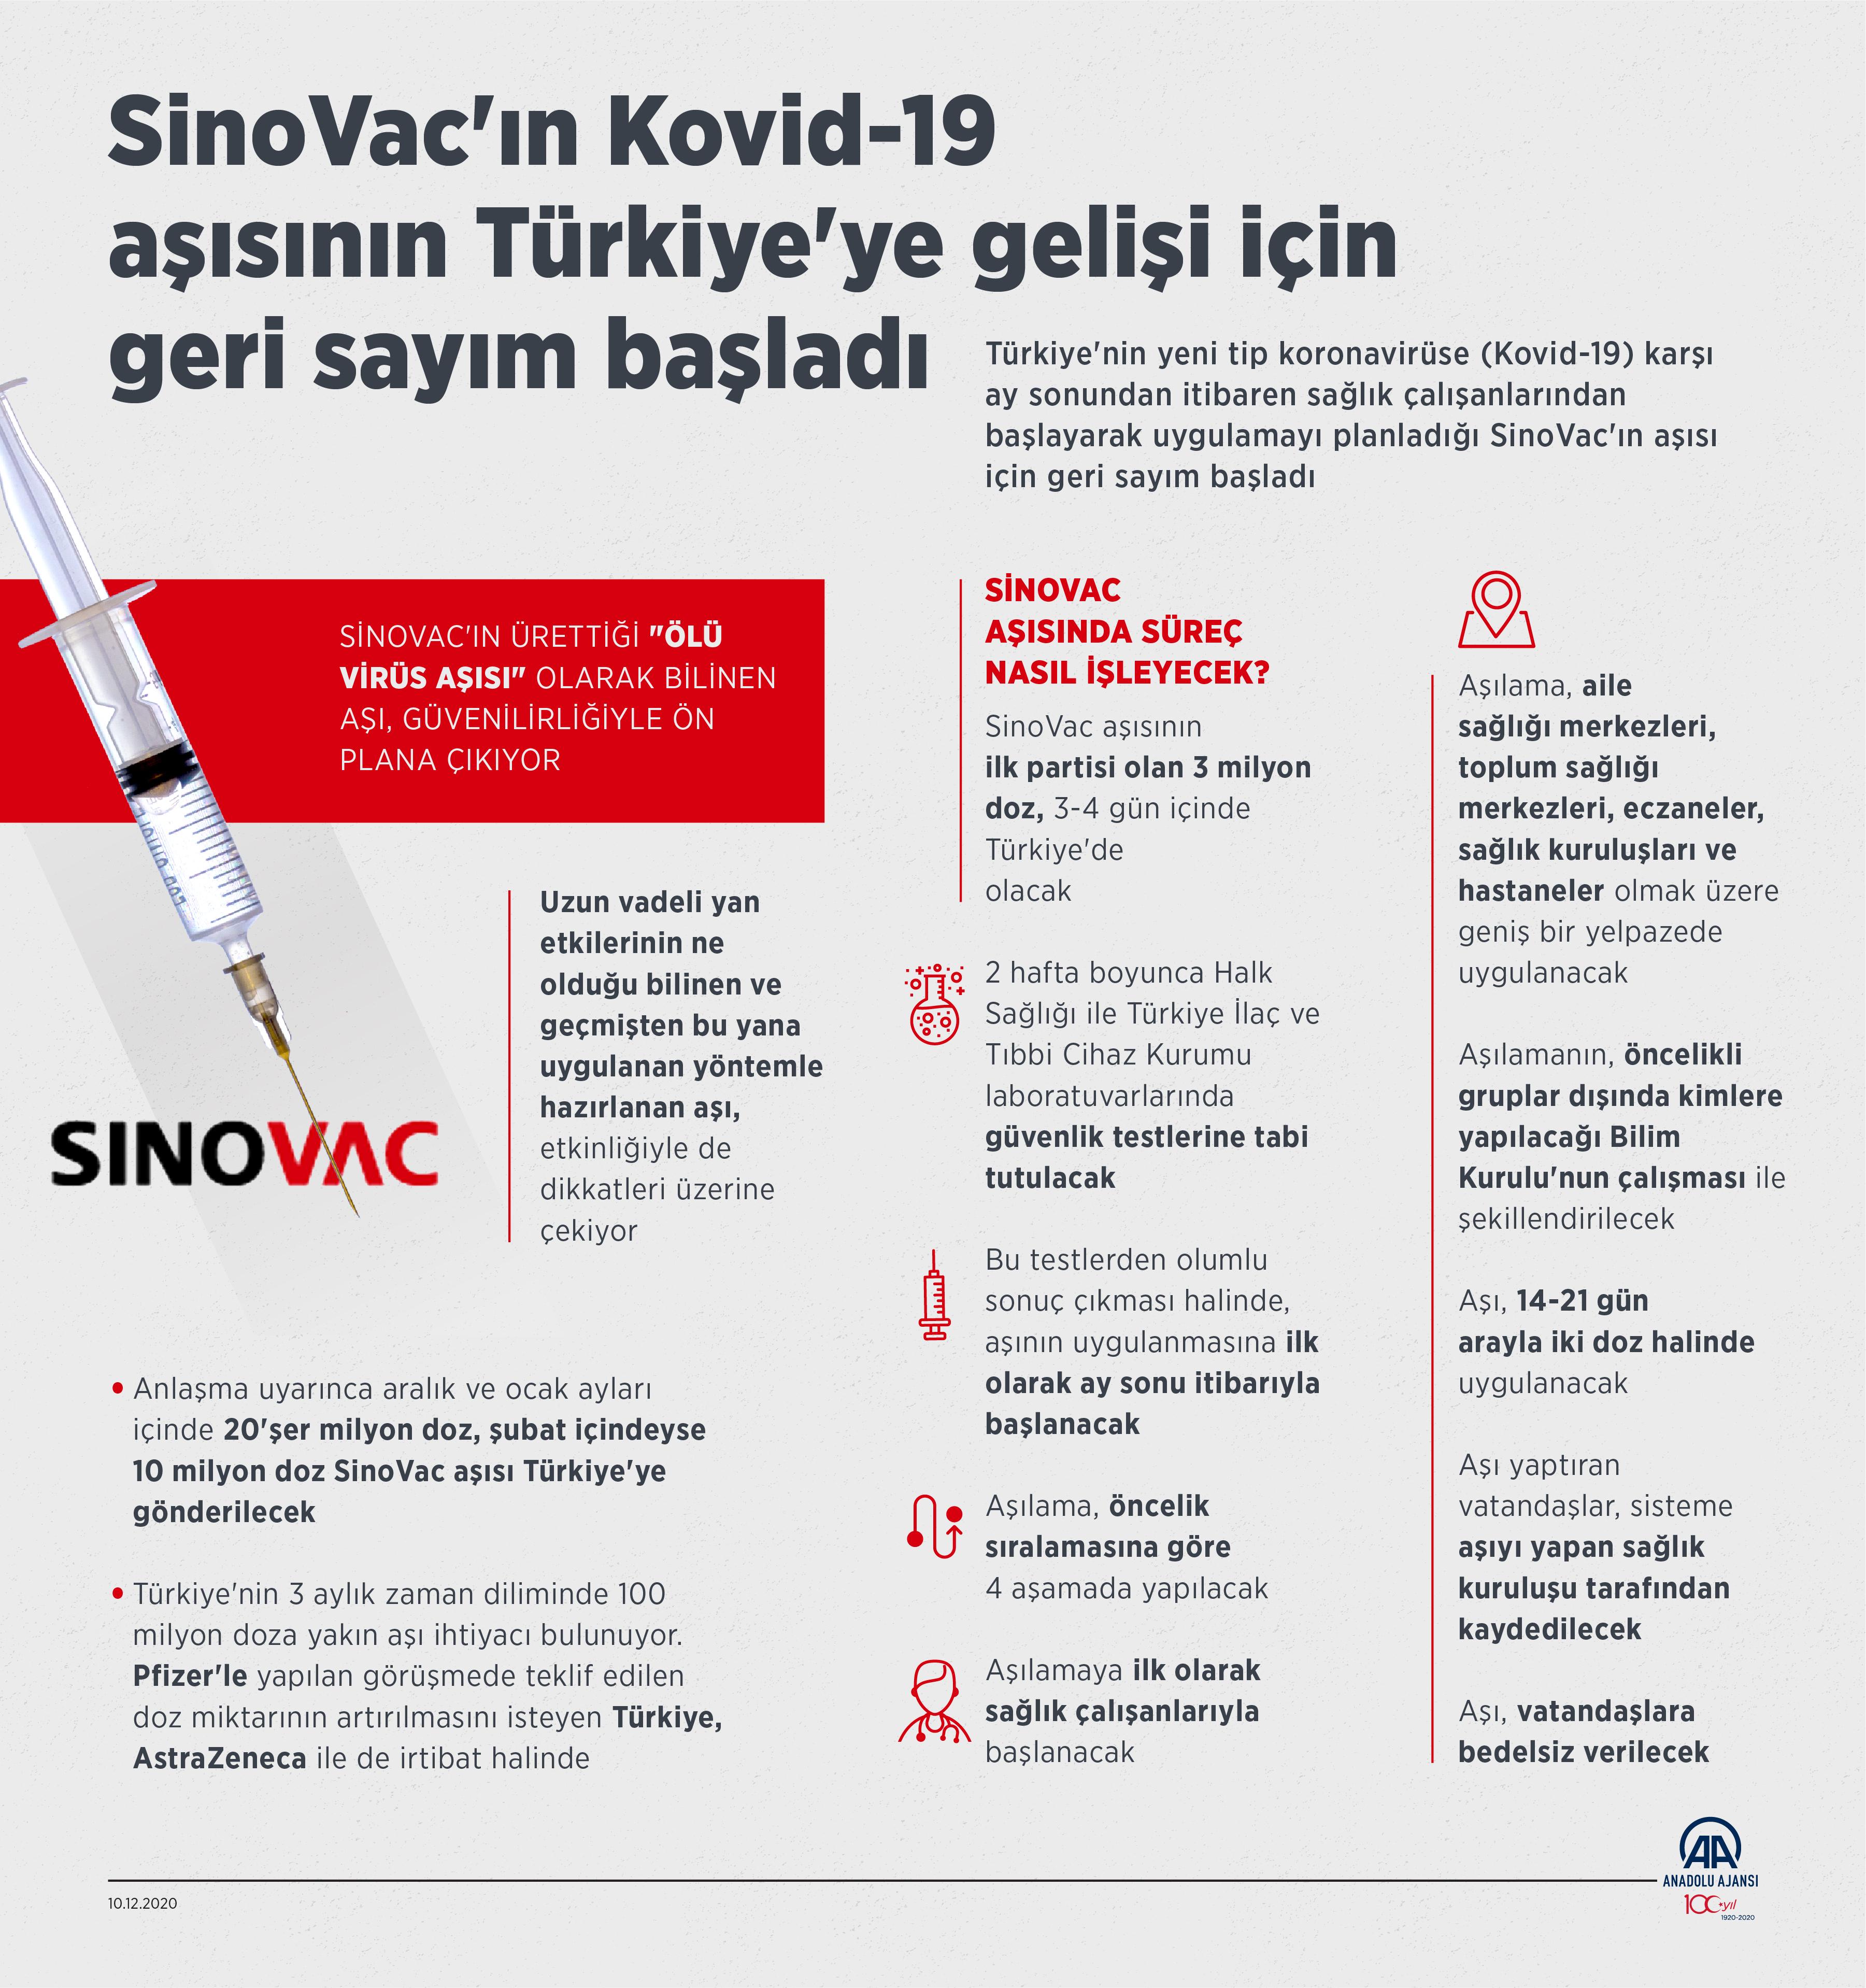 7 Şubat Pazar Türkiye Günlük Koronavirüs Tablosu| Bugünkü korona tablosu| Vaka ve ölüm sayısı kaç oldu?